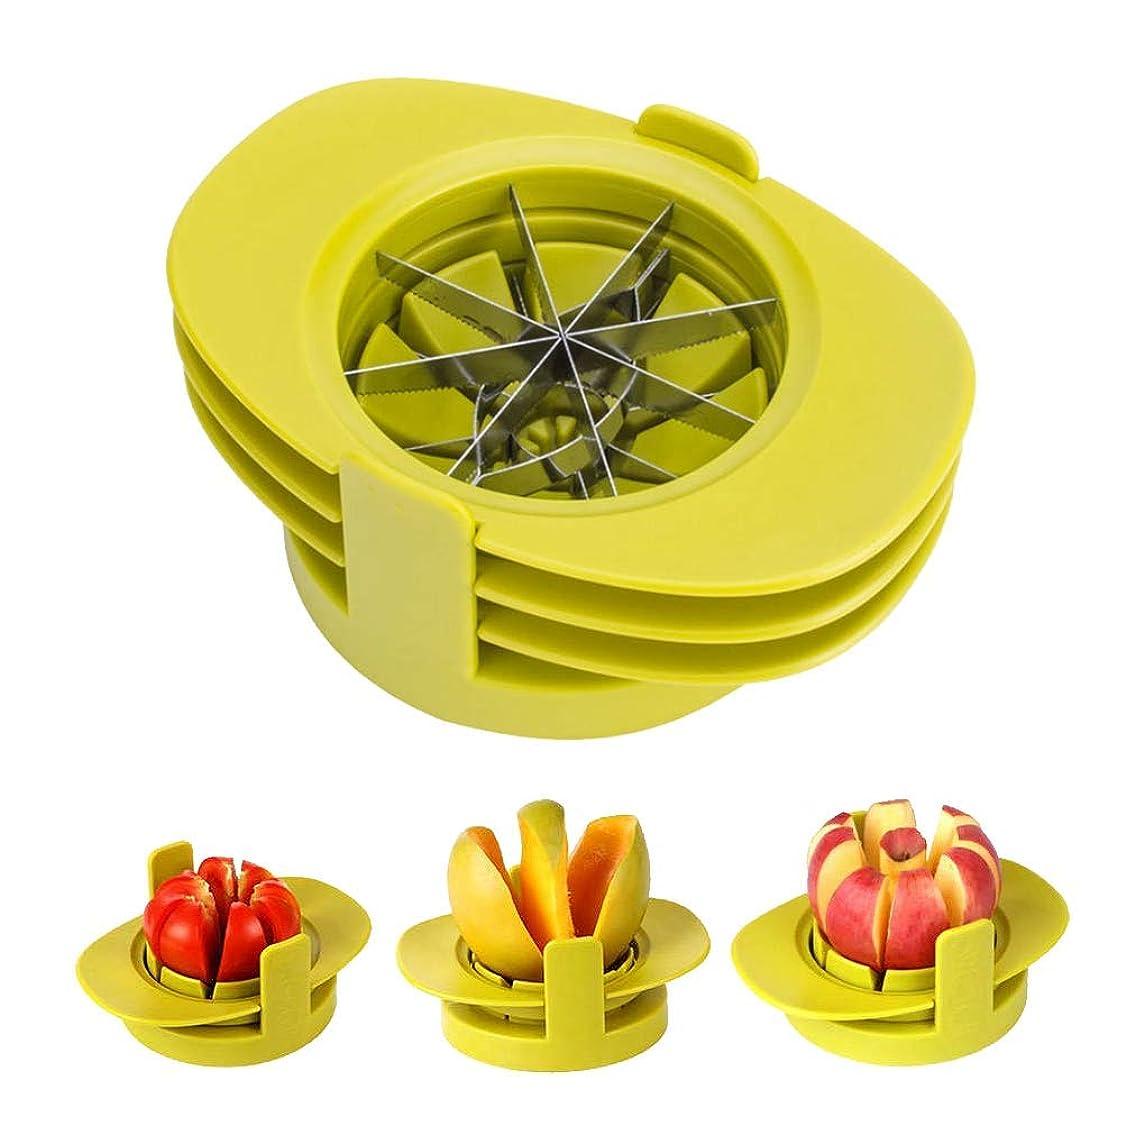 ZLJ Apple Slicer Corer, Wedger and Divider, 4 in 1 Fruit Cutter with Mango Cutter, Tomato Slicer, Pear Slicer, Orange Cutter